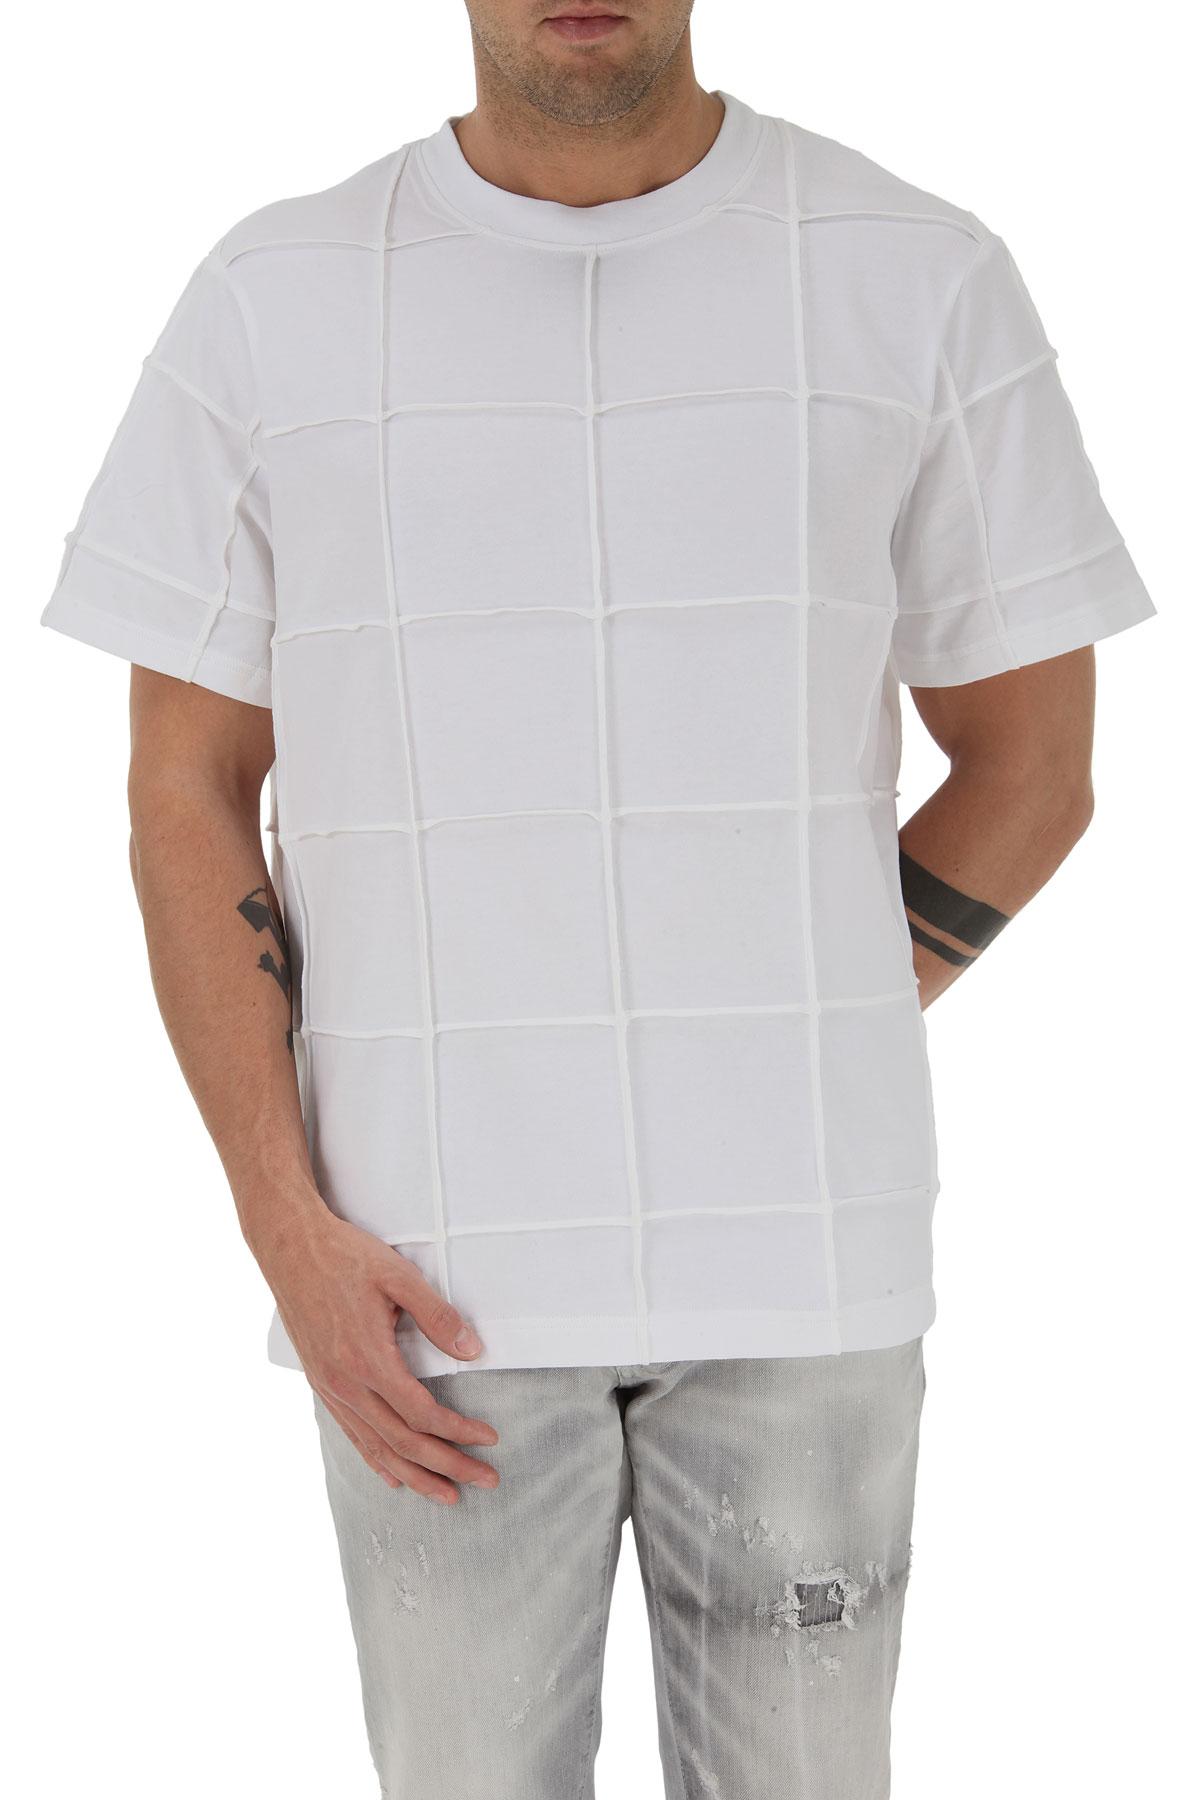 Nicopanda T-shirt Homme Pas cher en Soldes, Blanc, Coton, 2019, 46